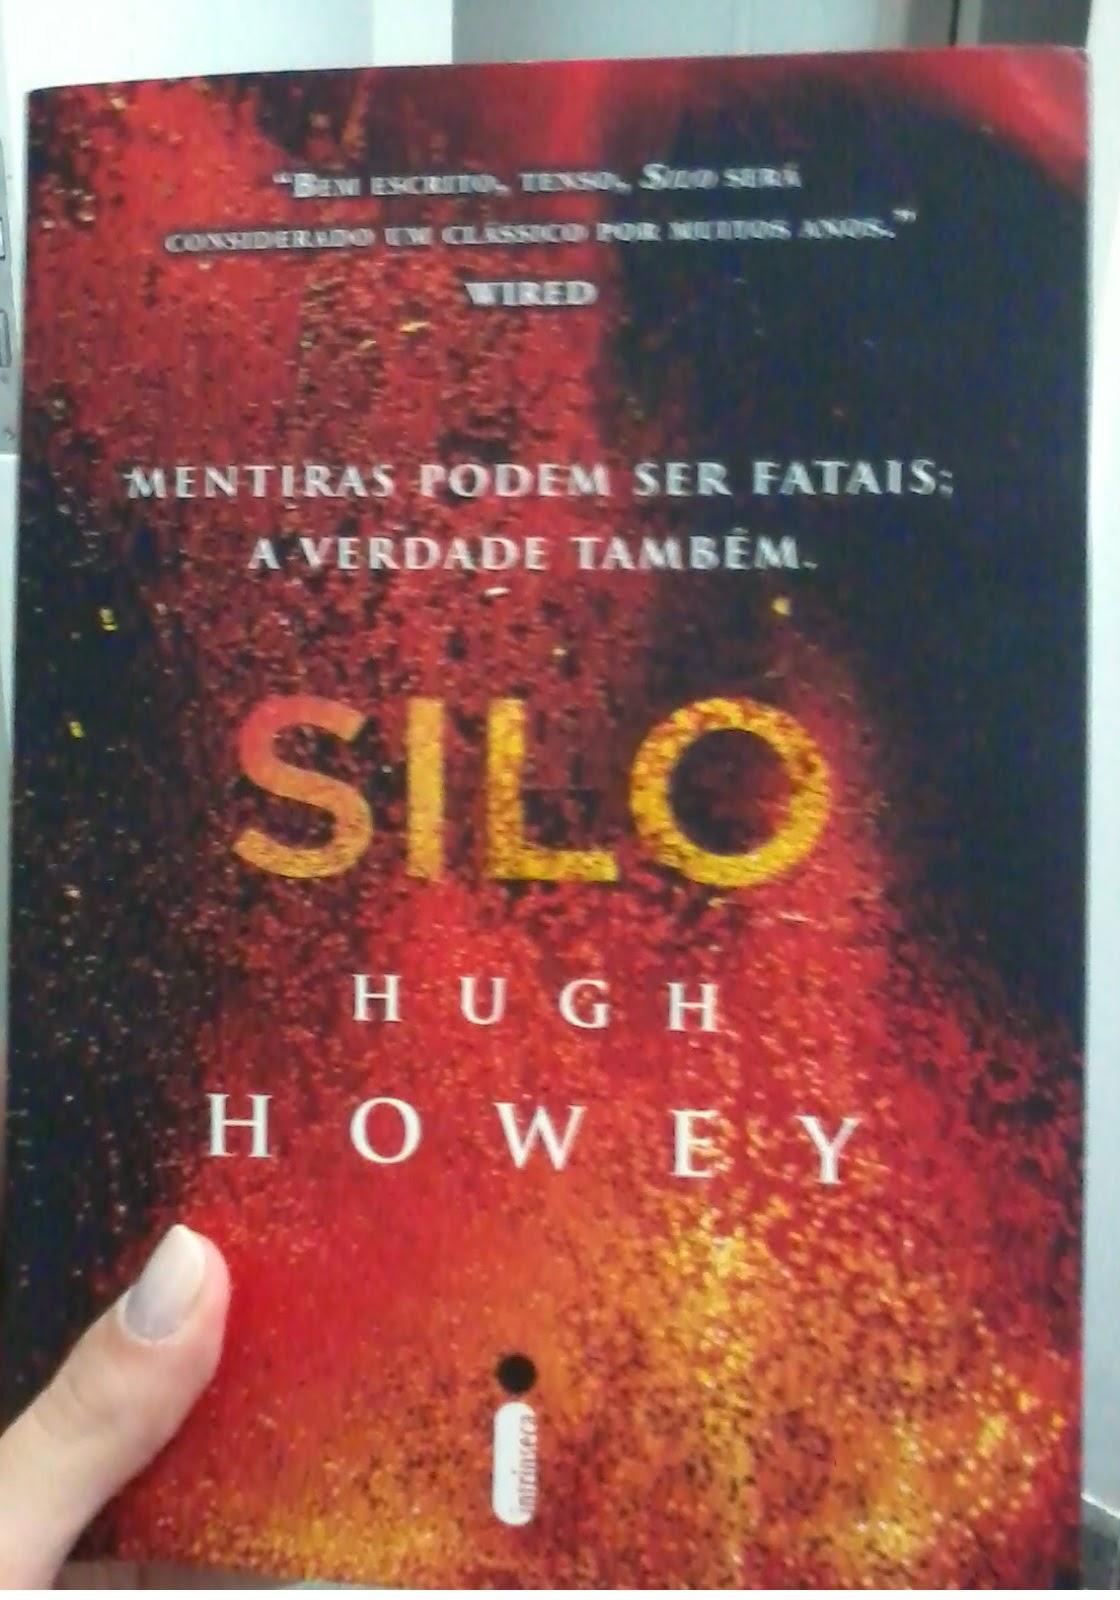 http://conjuntodaobra.blogspot.com.br/2014/06/silo-hugh-howey.html